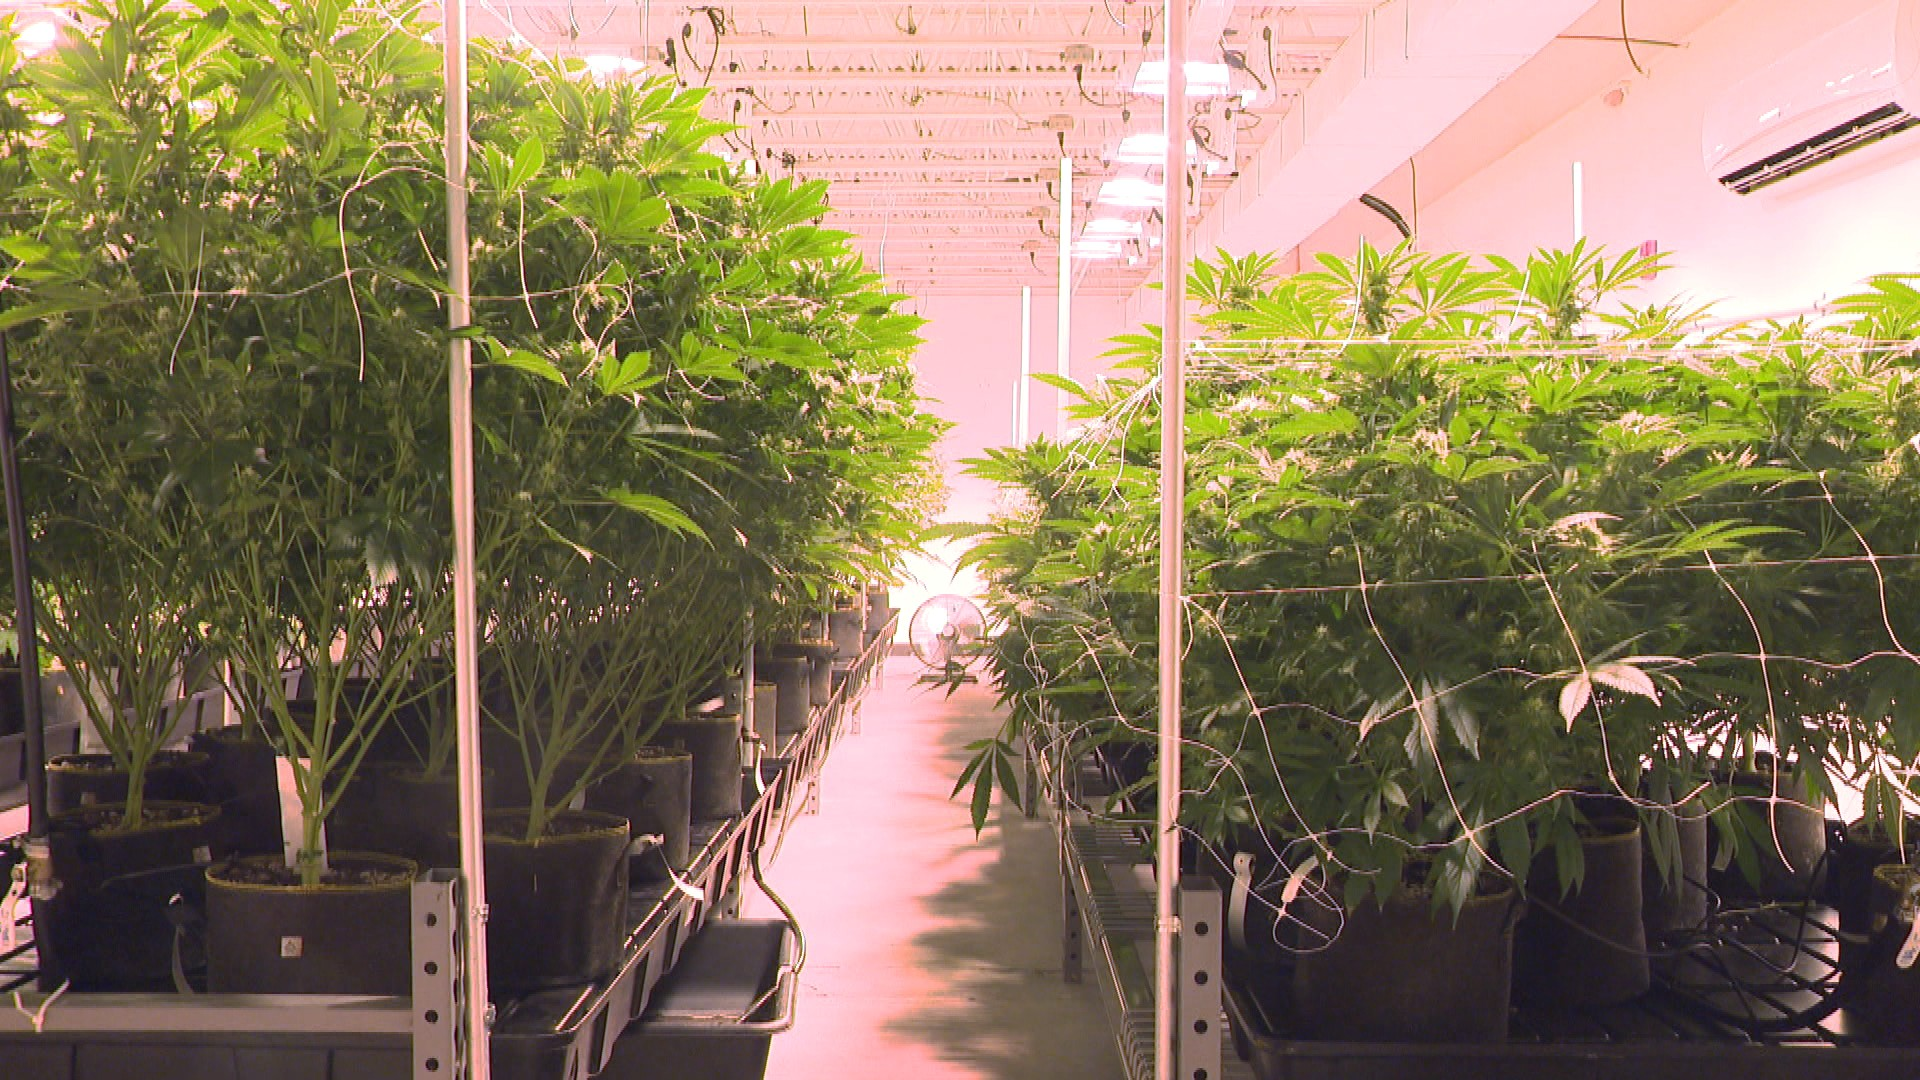 WEED GROWING 6PM PKG3_651611